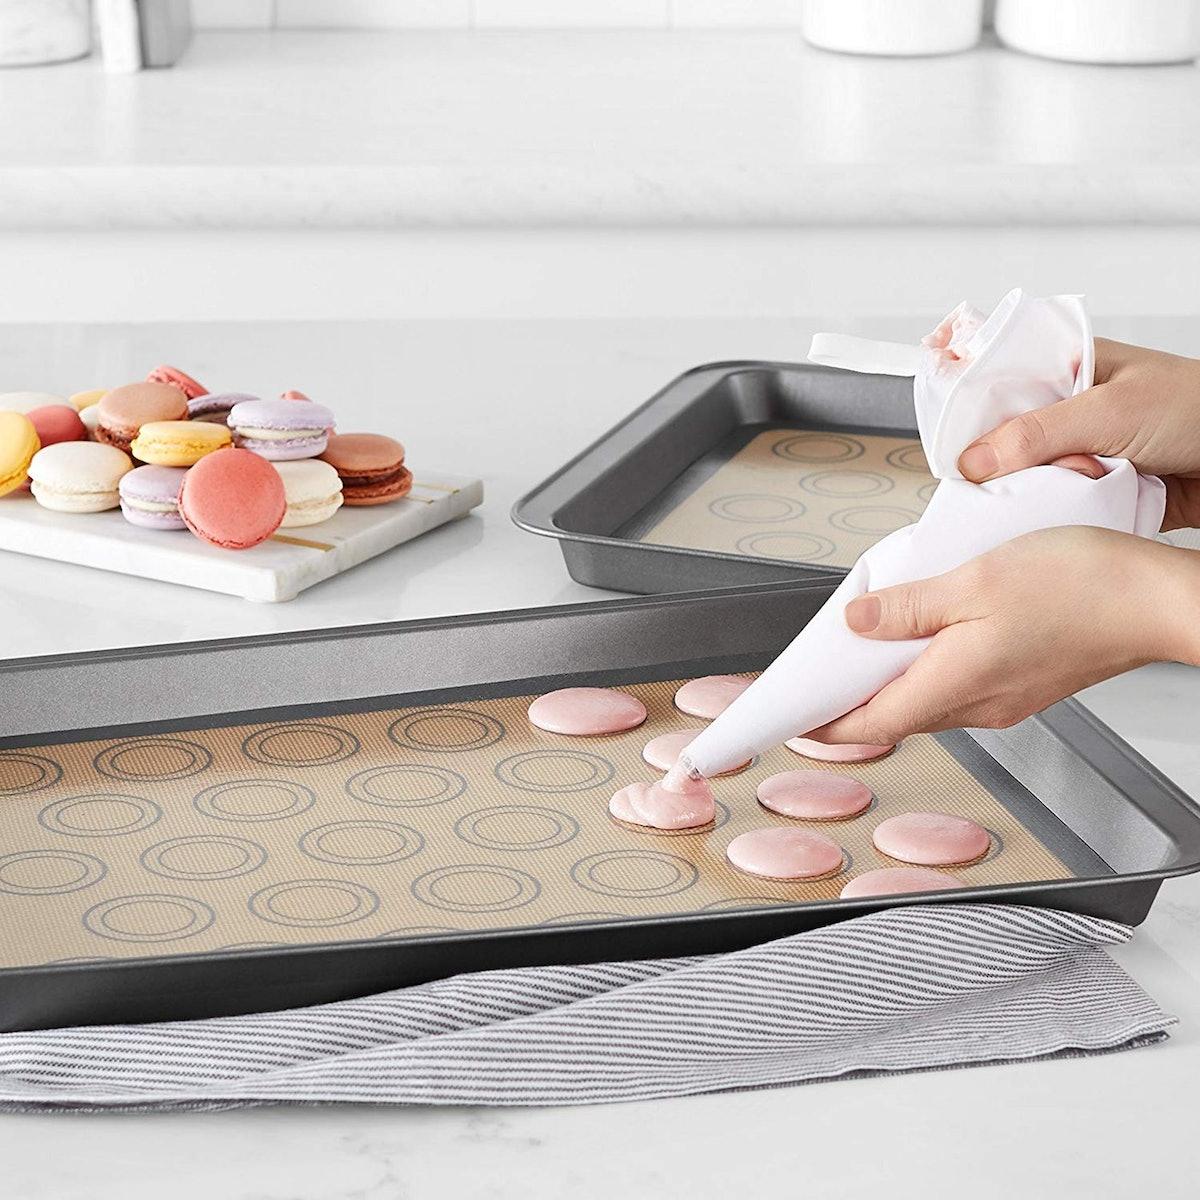 AmazonBasics Silicone Macaron Baking Mat Sheet Set (2-Pack)